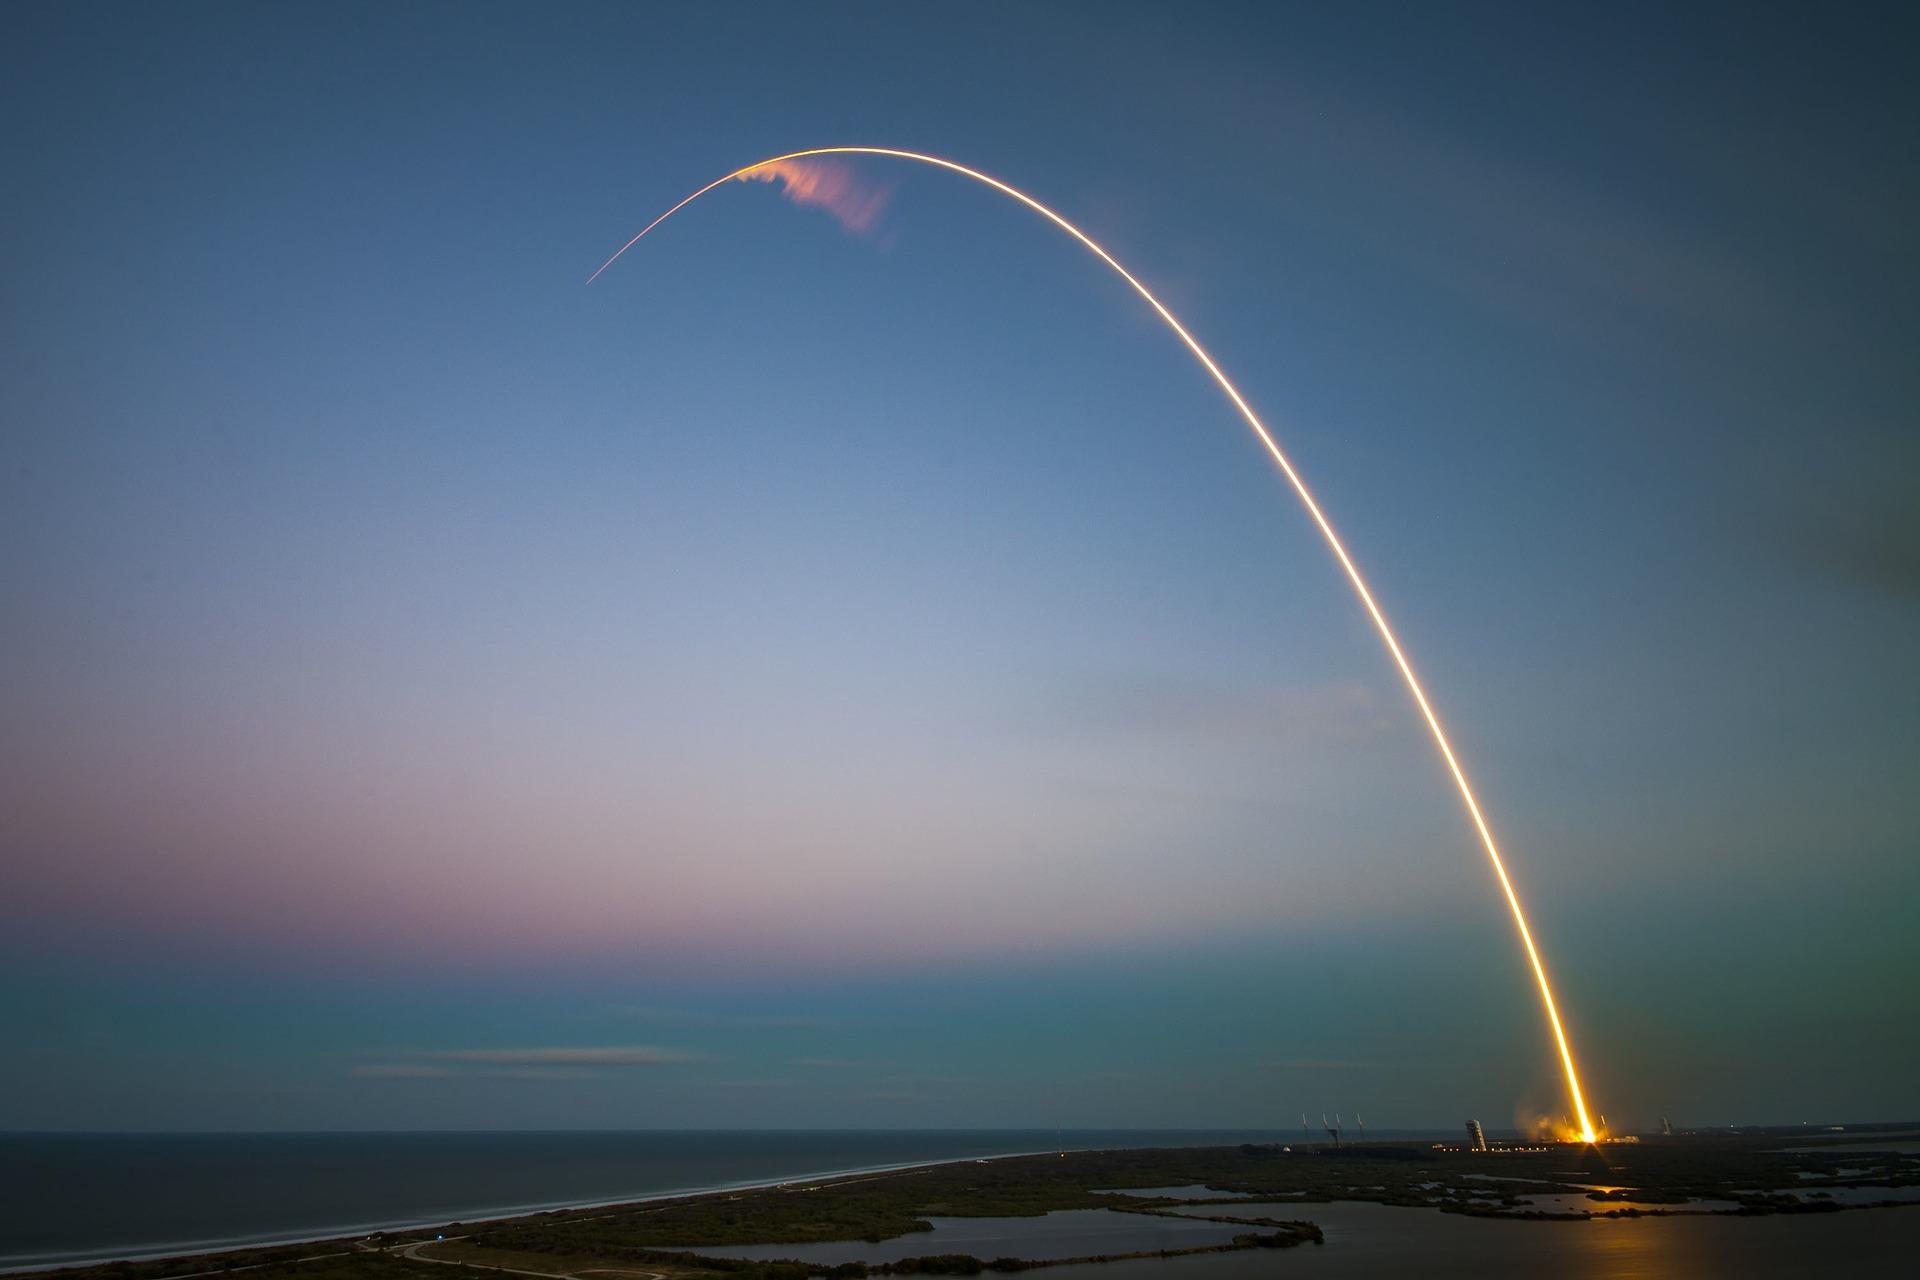 Xage Security brindará ciberseguridad con tecnología blockchain a los datos de la Fuerza Espacial de los Estados Unidos